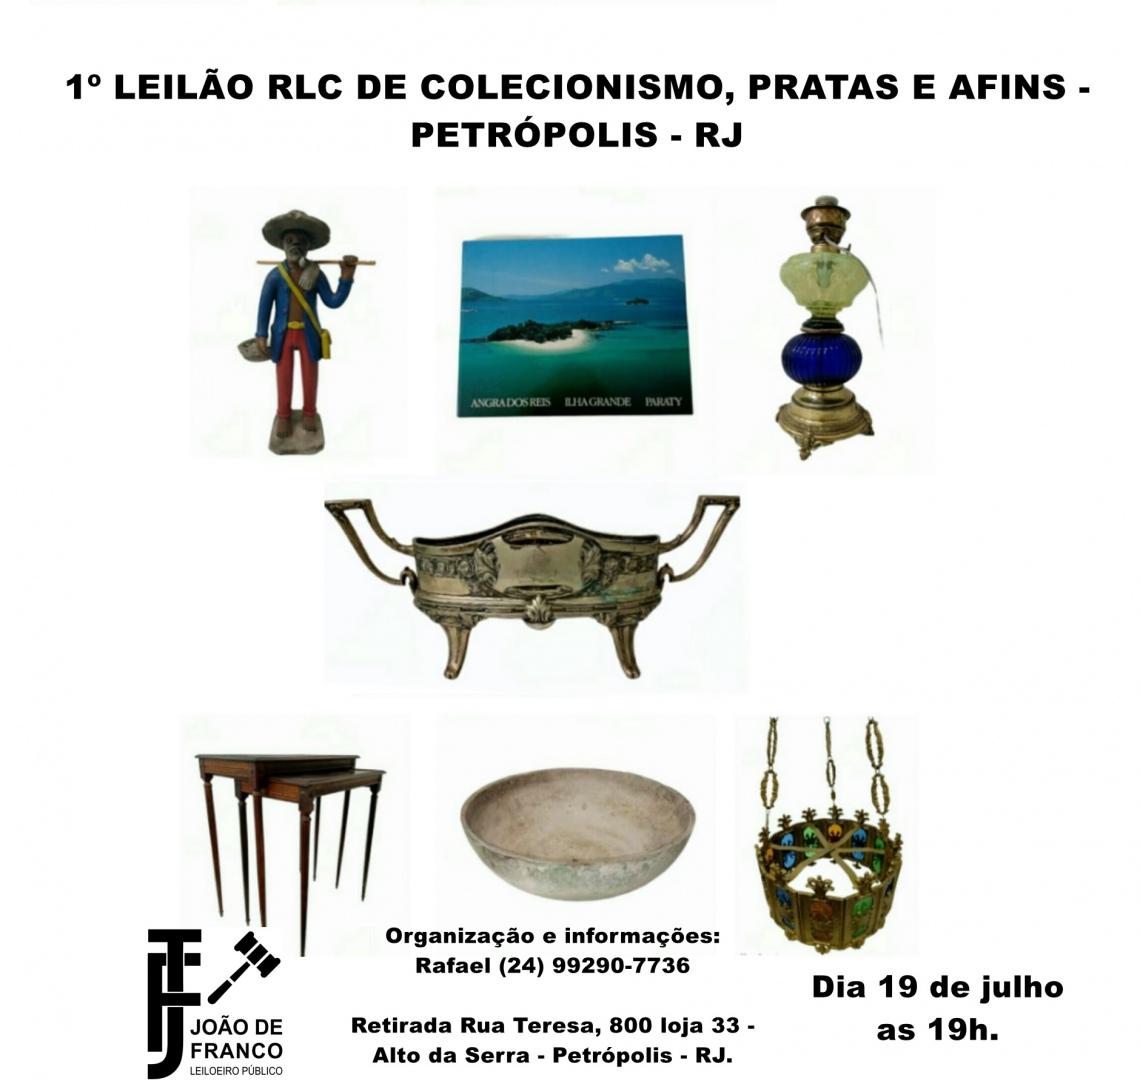 1º LEILÃO RLC DE COLECIONISMO, PRATAS E AFINS -  PETRÓPOLIS - RJ